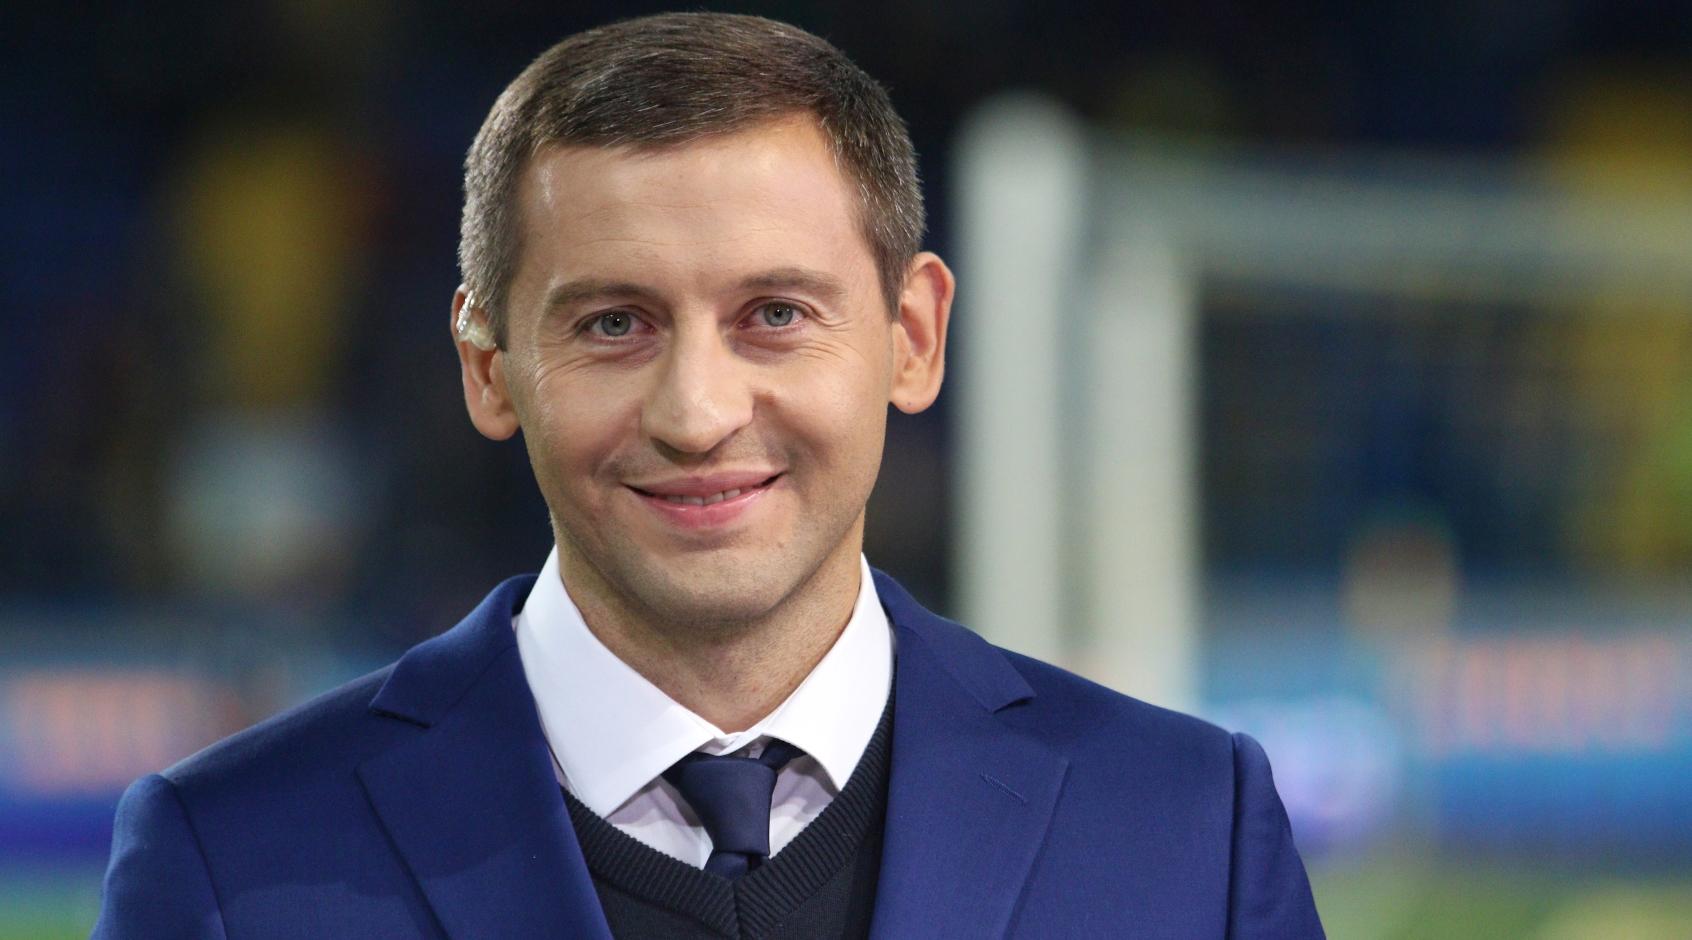 """Алексей Белик: """"Почему бы не пригласить в Украину топ-команды и не провести матч """"Манчестер Сити"""" - """"Реал""""?"""